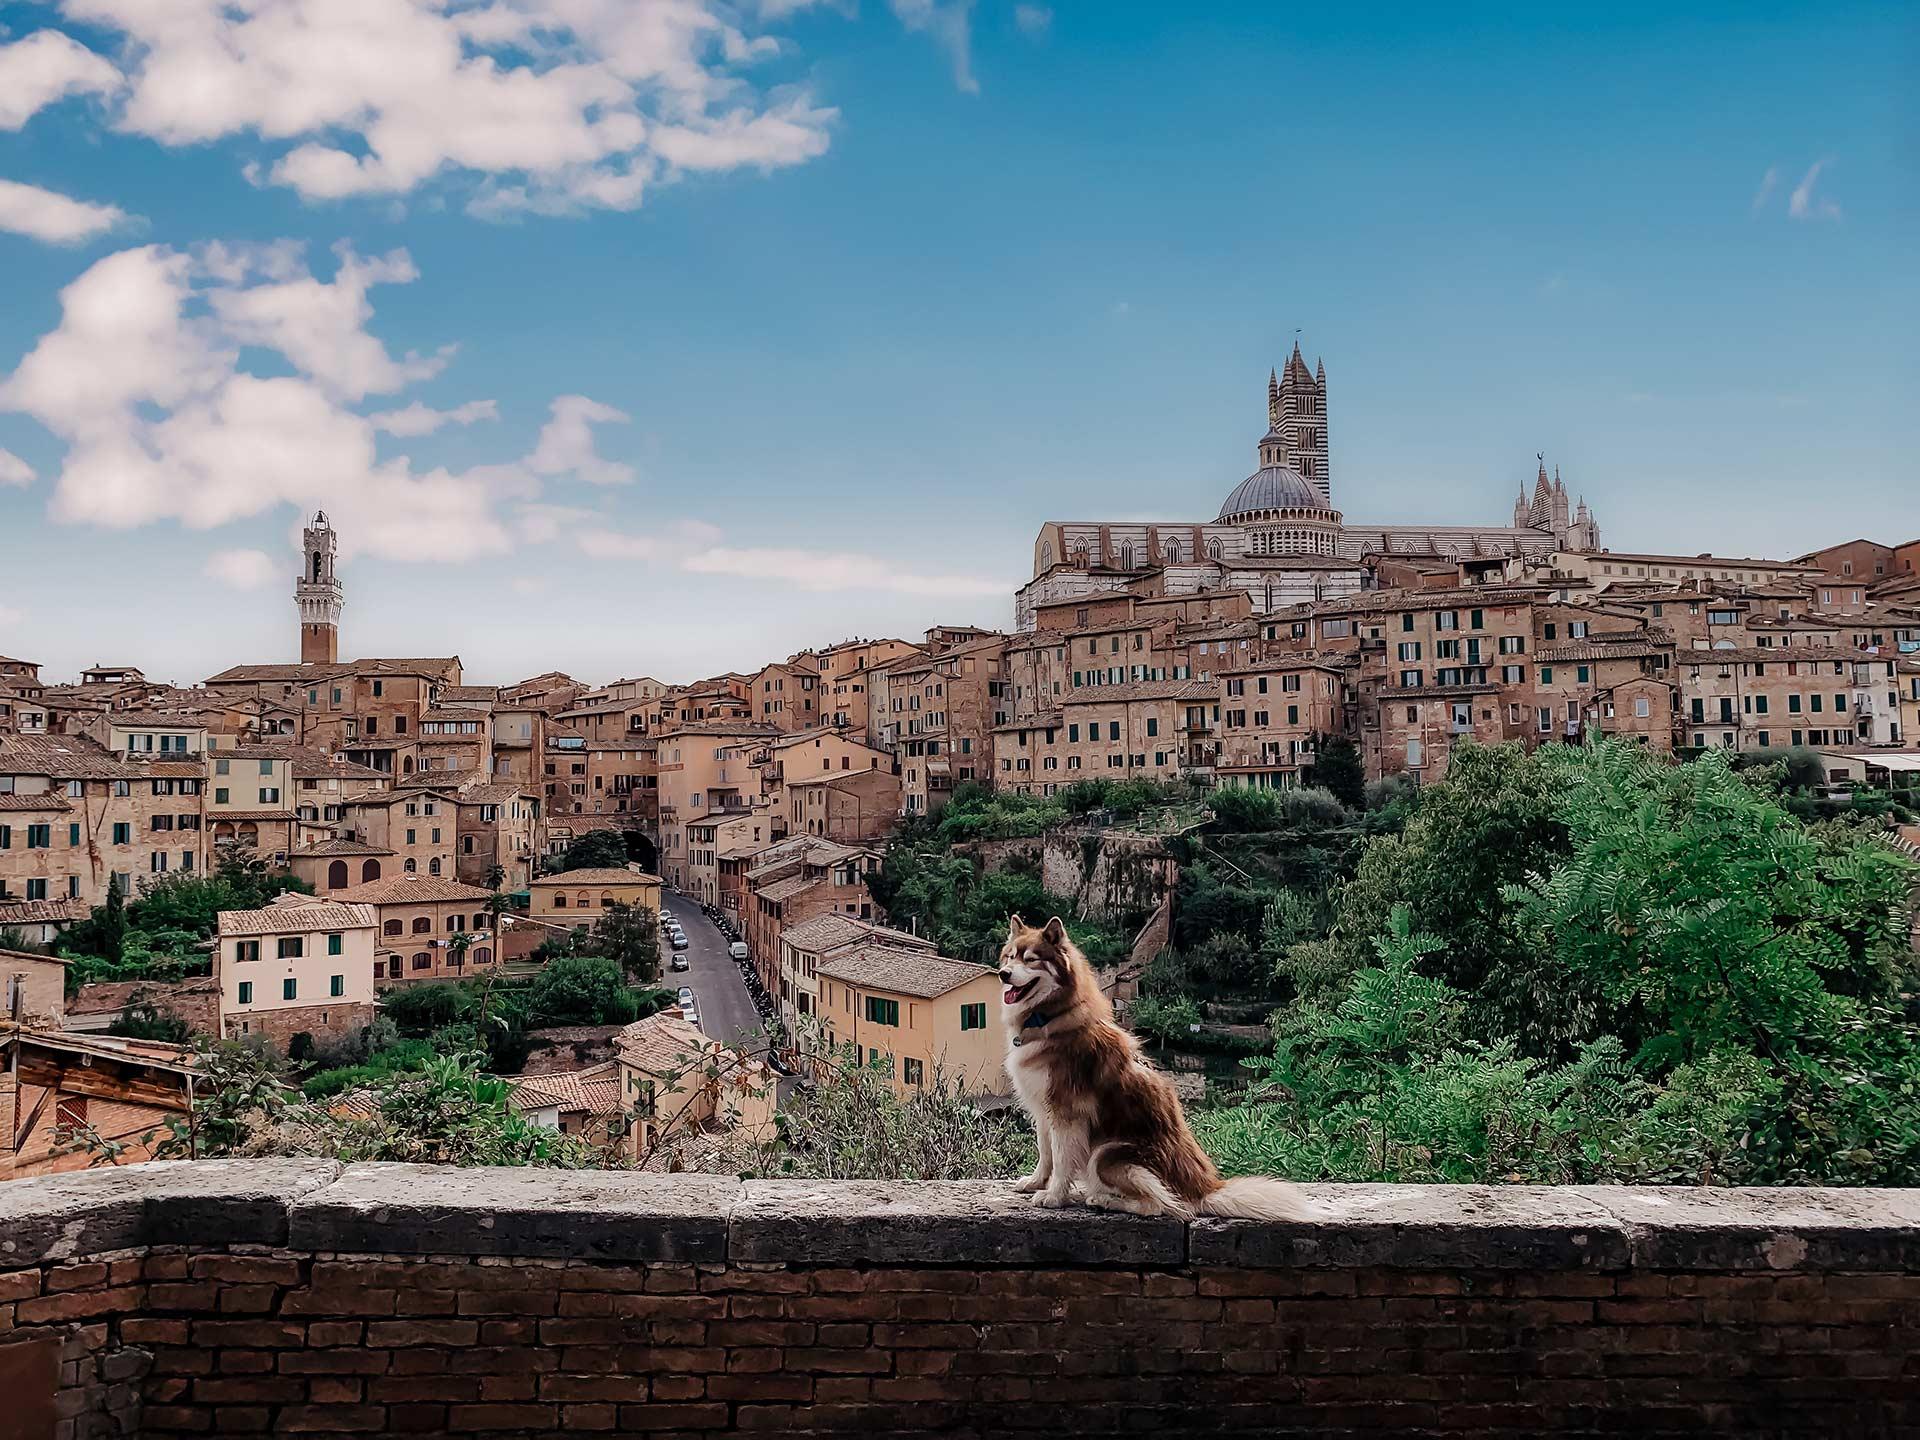 Werbung. Auf meinem Reiseblog verrate ich dir heute alles über unseren Toskana-Roadtrip mit Hund. Wie unser 5-tägiger Kurztrip im Herbst war, welche Orte in der Toskana wir besucht haben und welche Unterkünfte wir empfehlen können, liest du jetzt am Blog. www.whoismocca.com #toskana #roadtrip #kurztrip #mazda3 #drivetogether #mazda3citylife